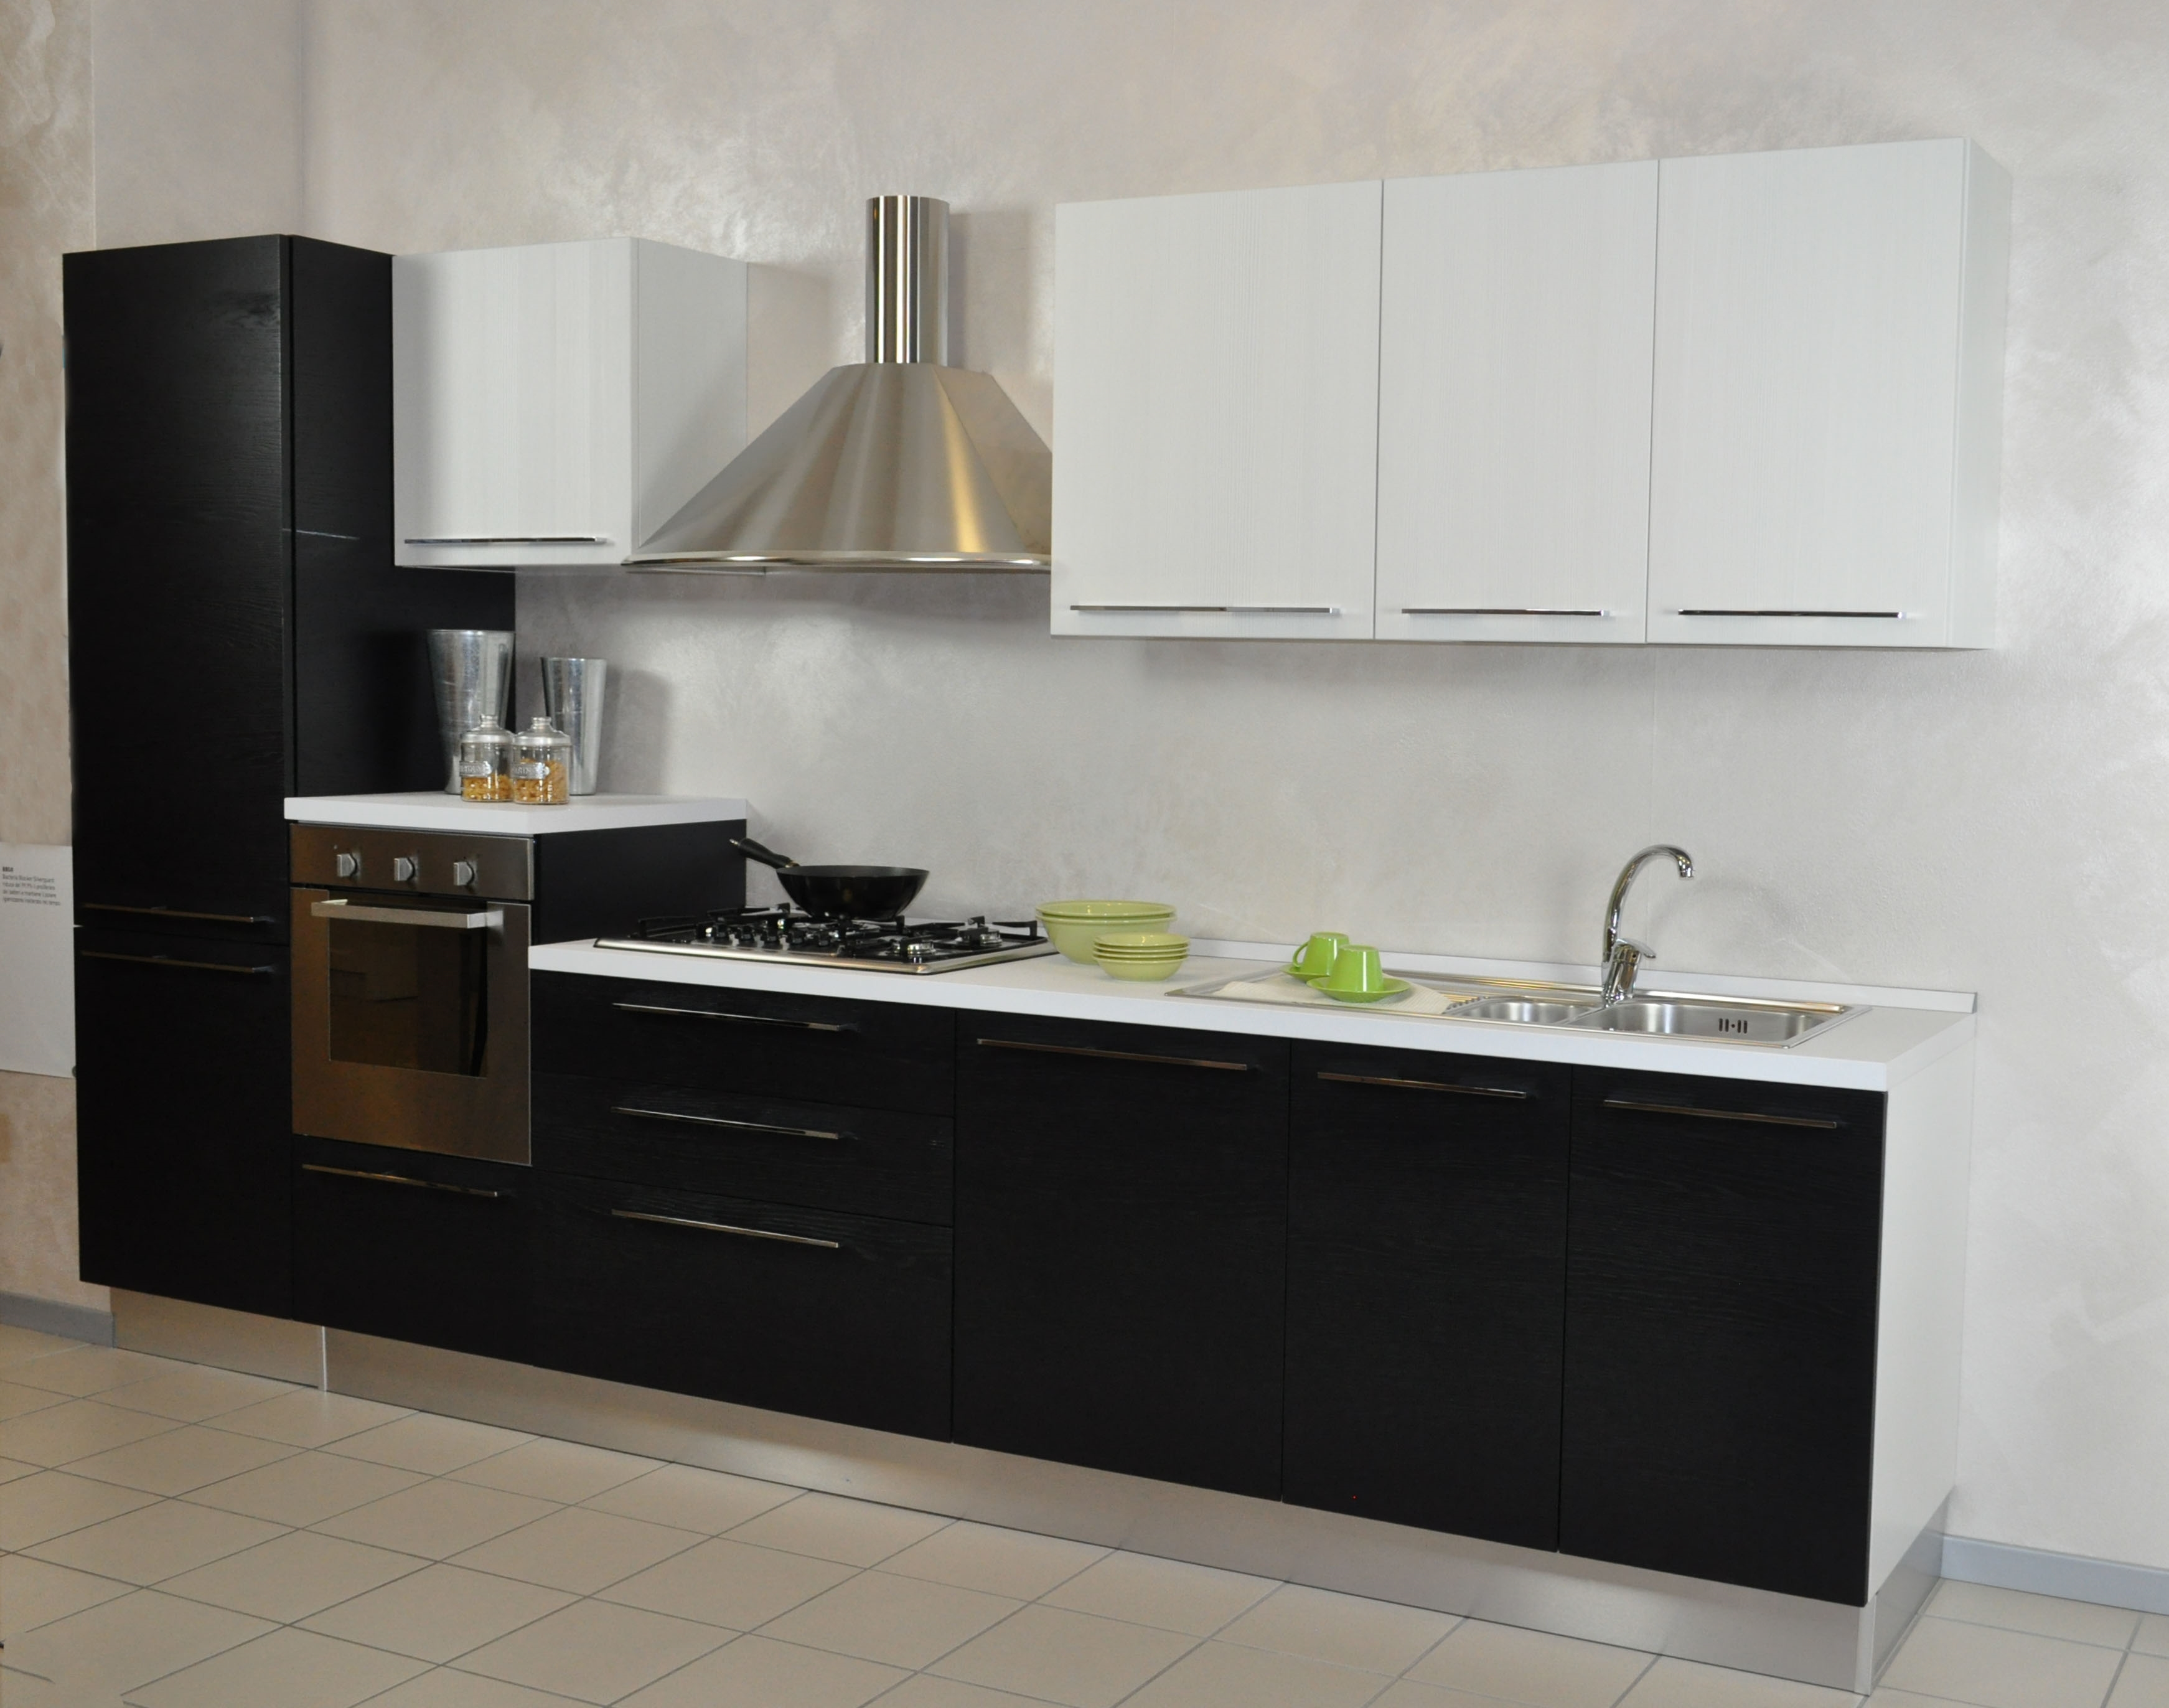 Cucina moderna lube nilde impiallacciata sconto del 47 - Prezzo cucine lube ...